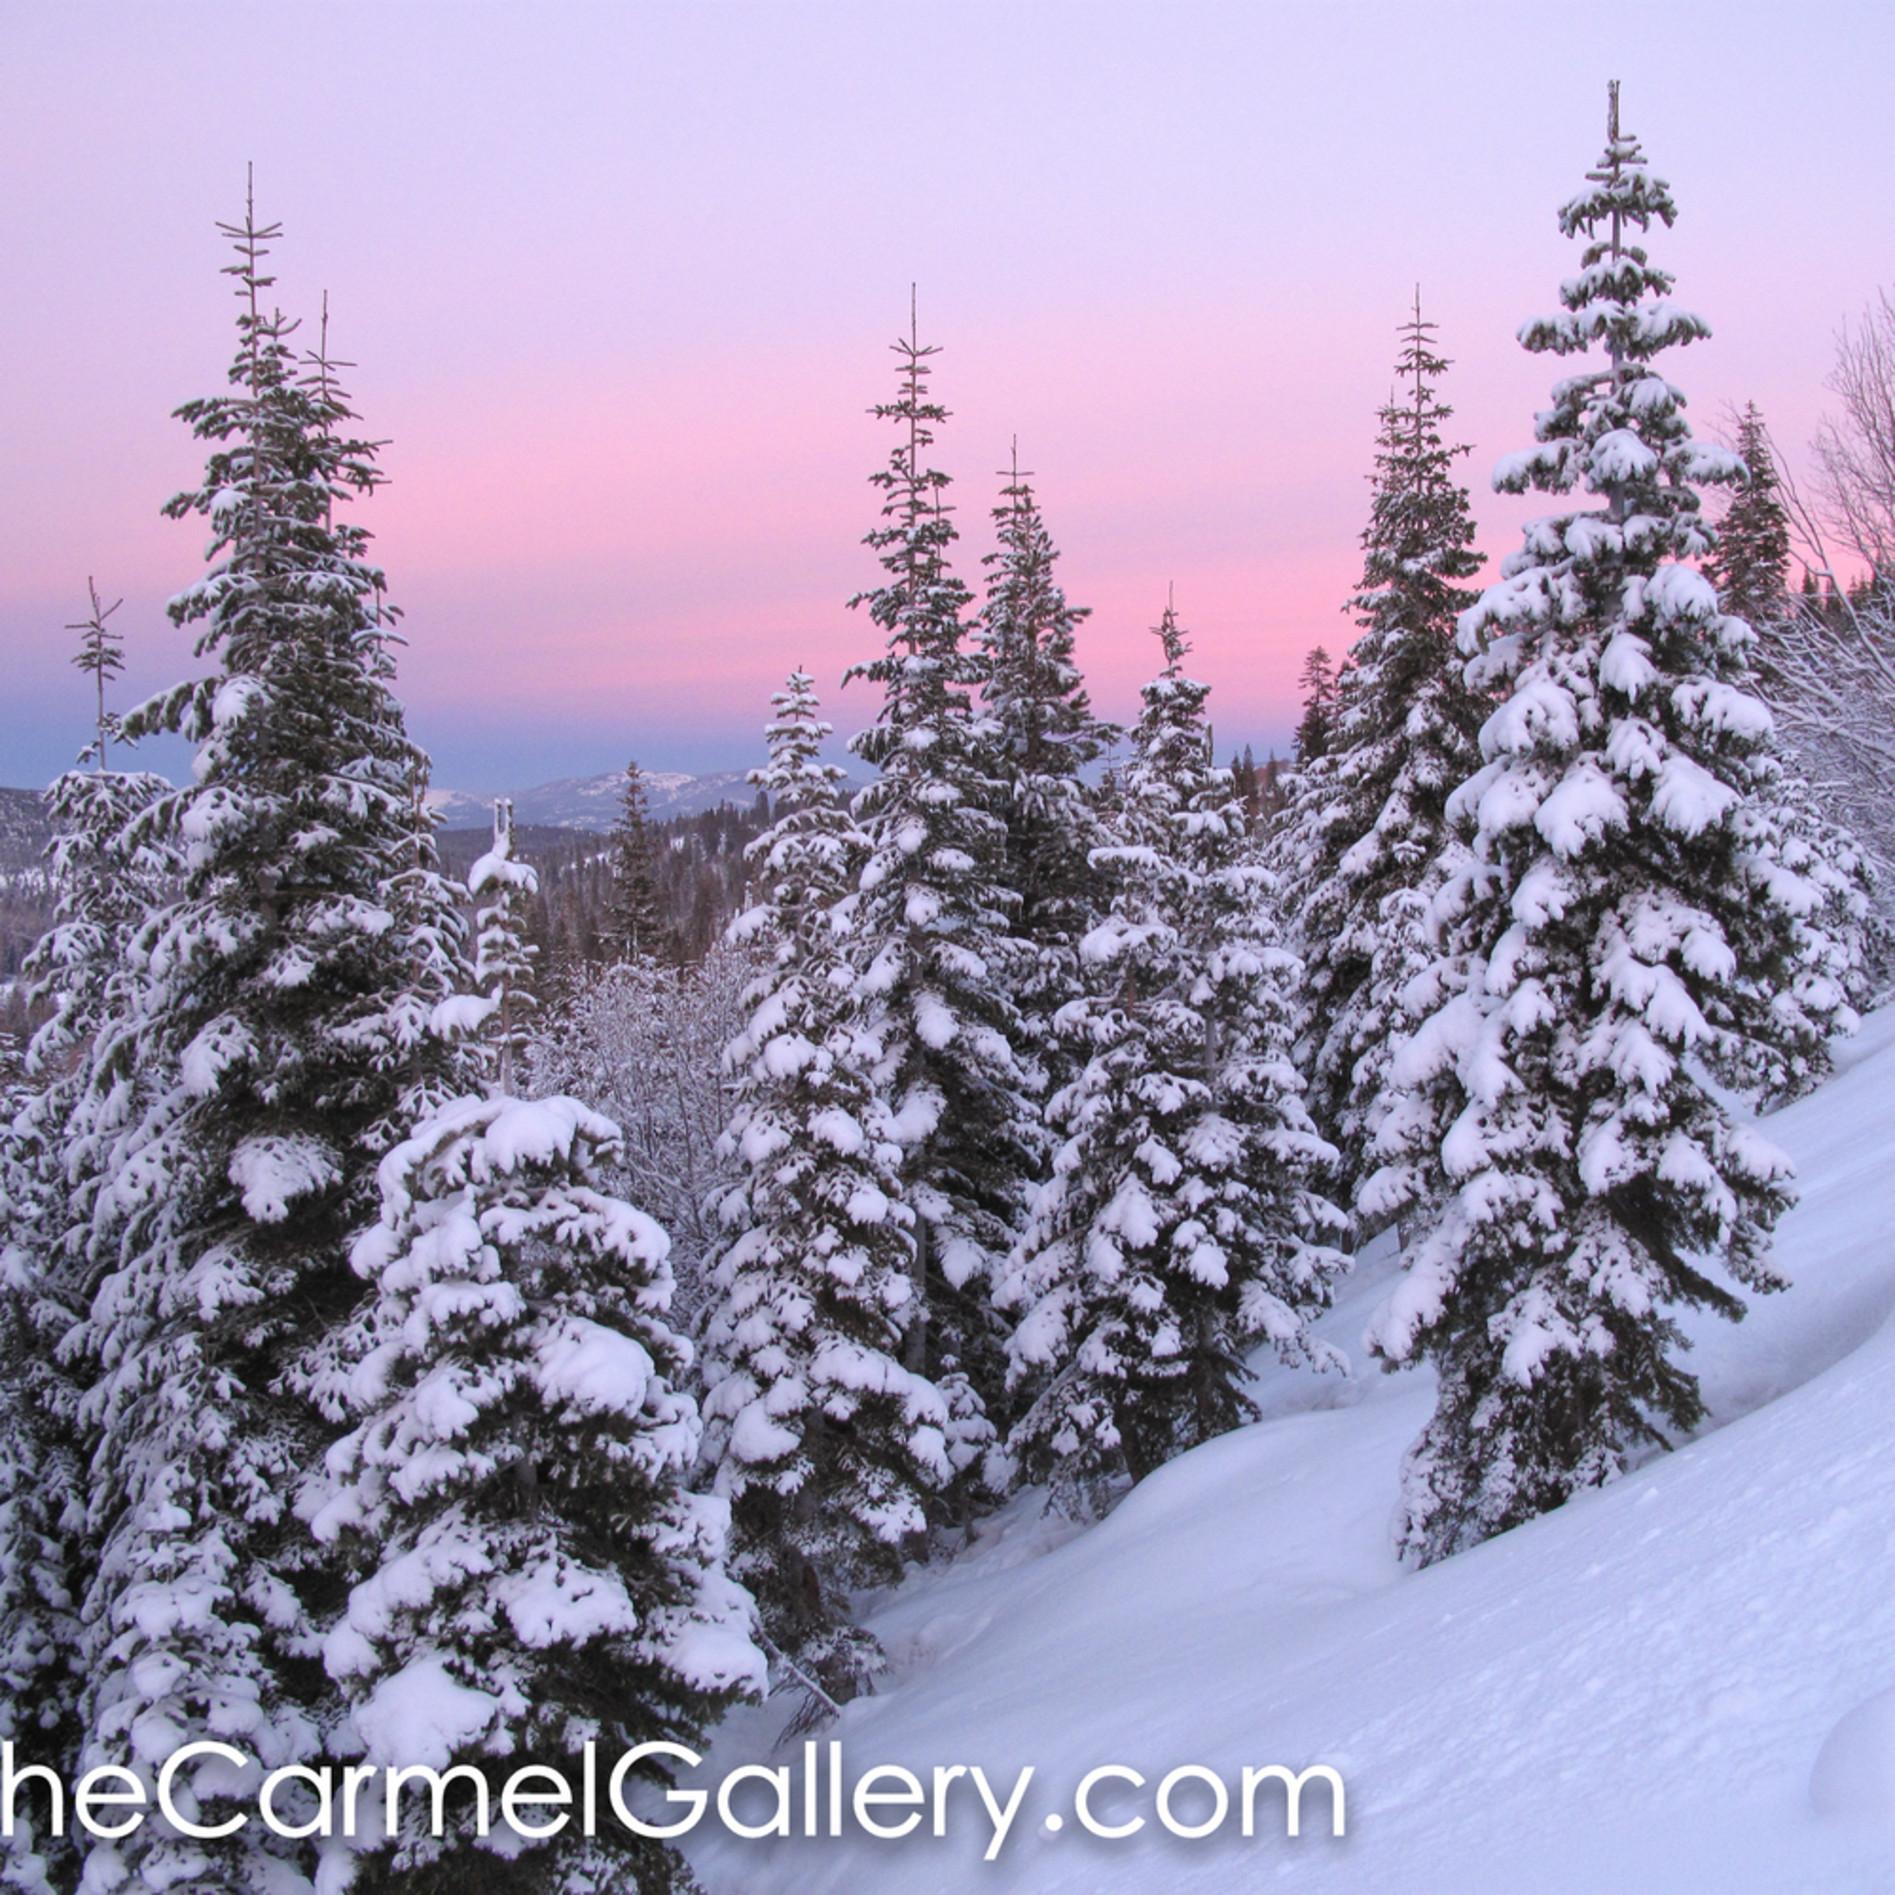 Winter sunset qju40d